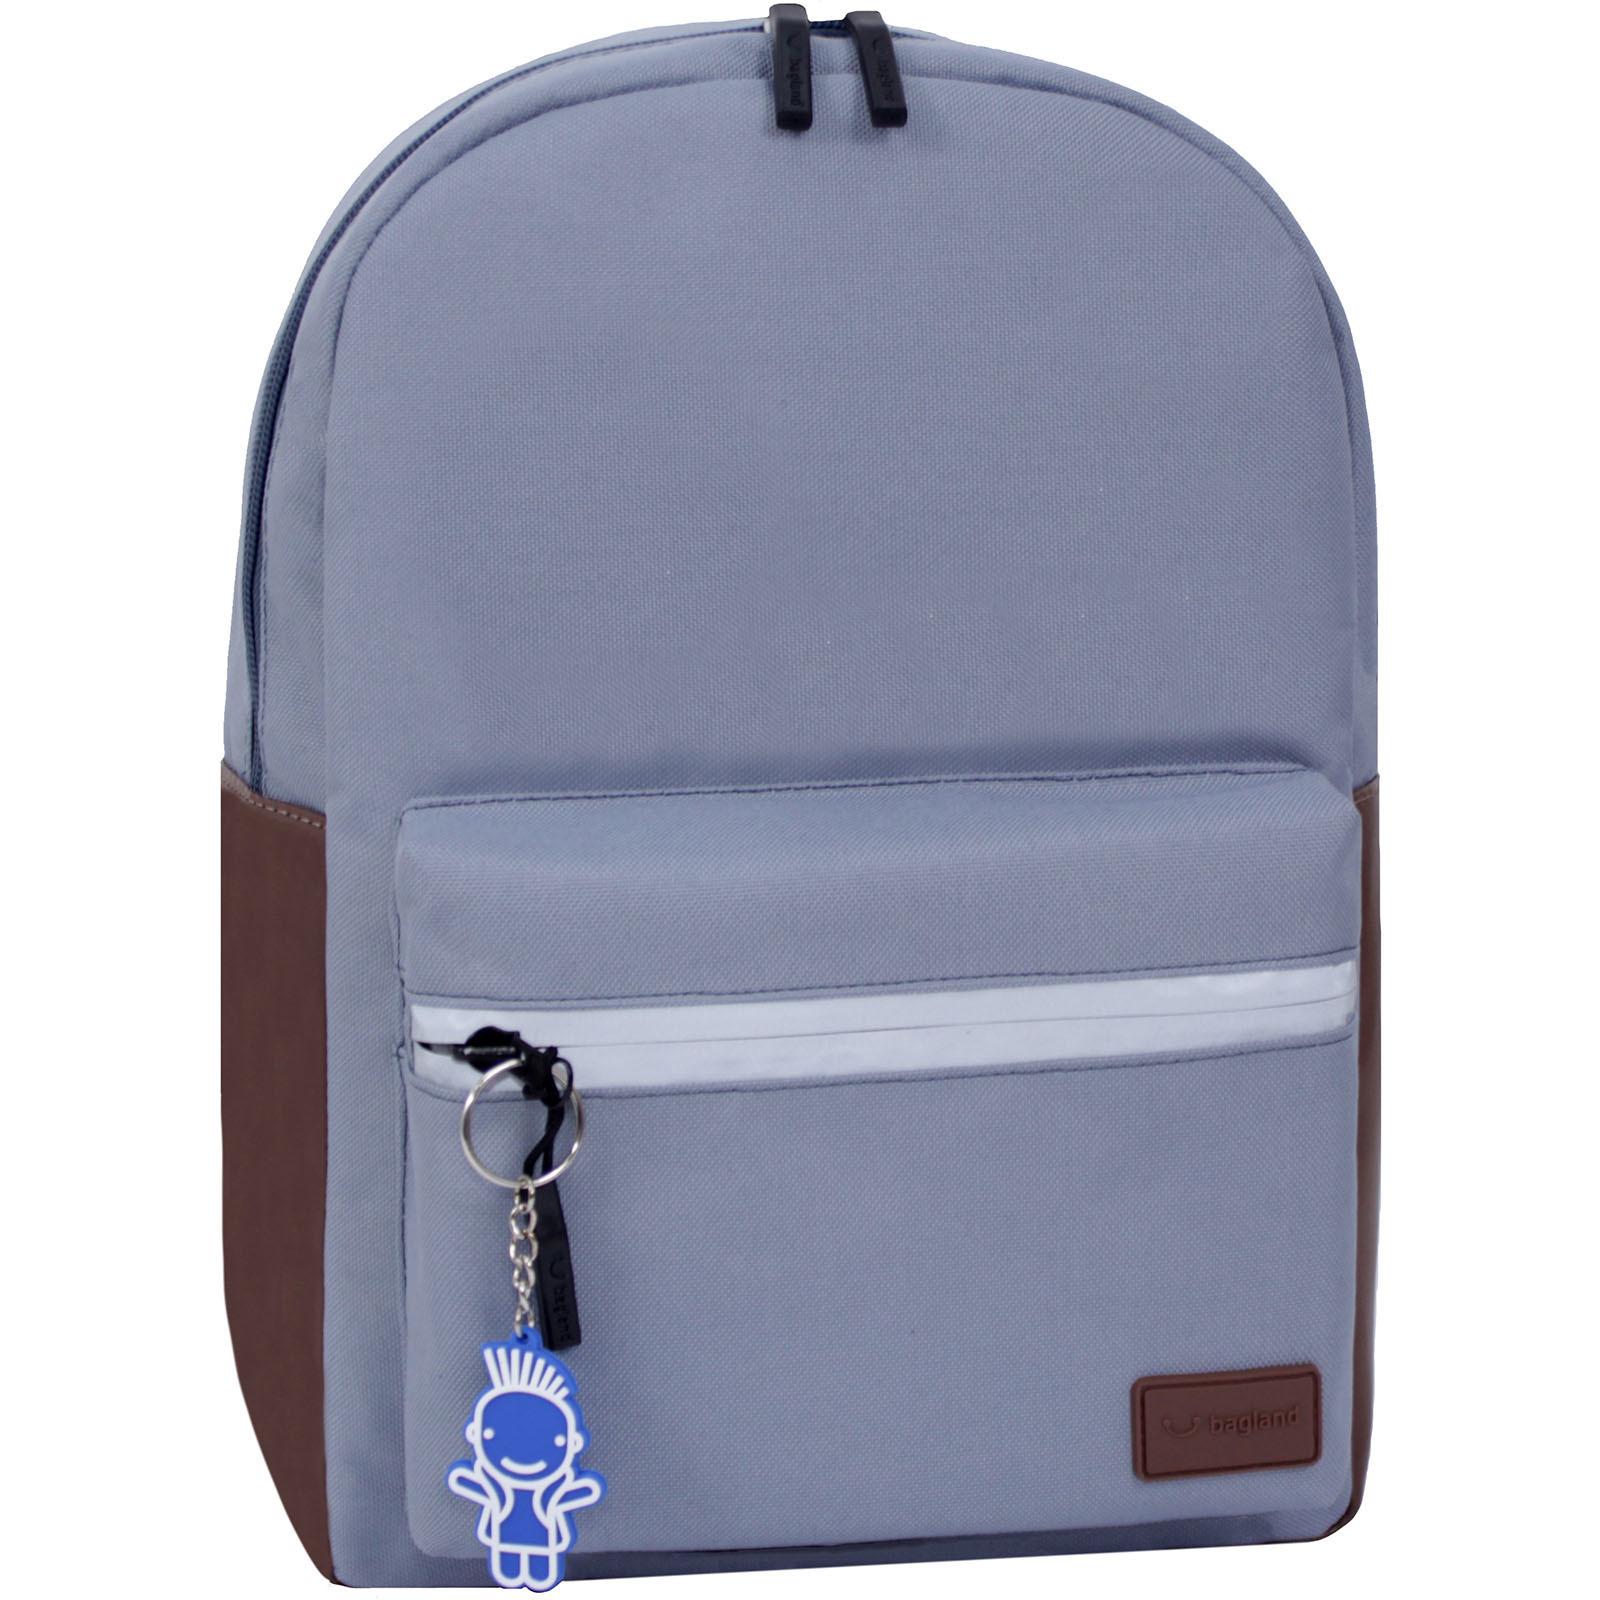 Молодежные рюкзаки Рюкзак Bagland  Frost 13 л. серый (00540663) IMG_3223.JPG